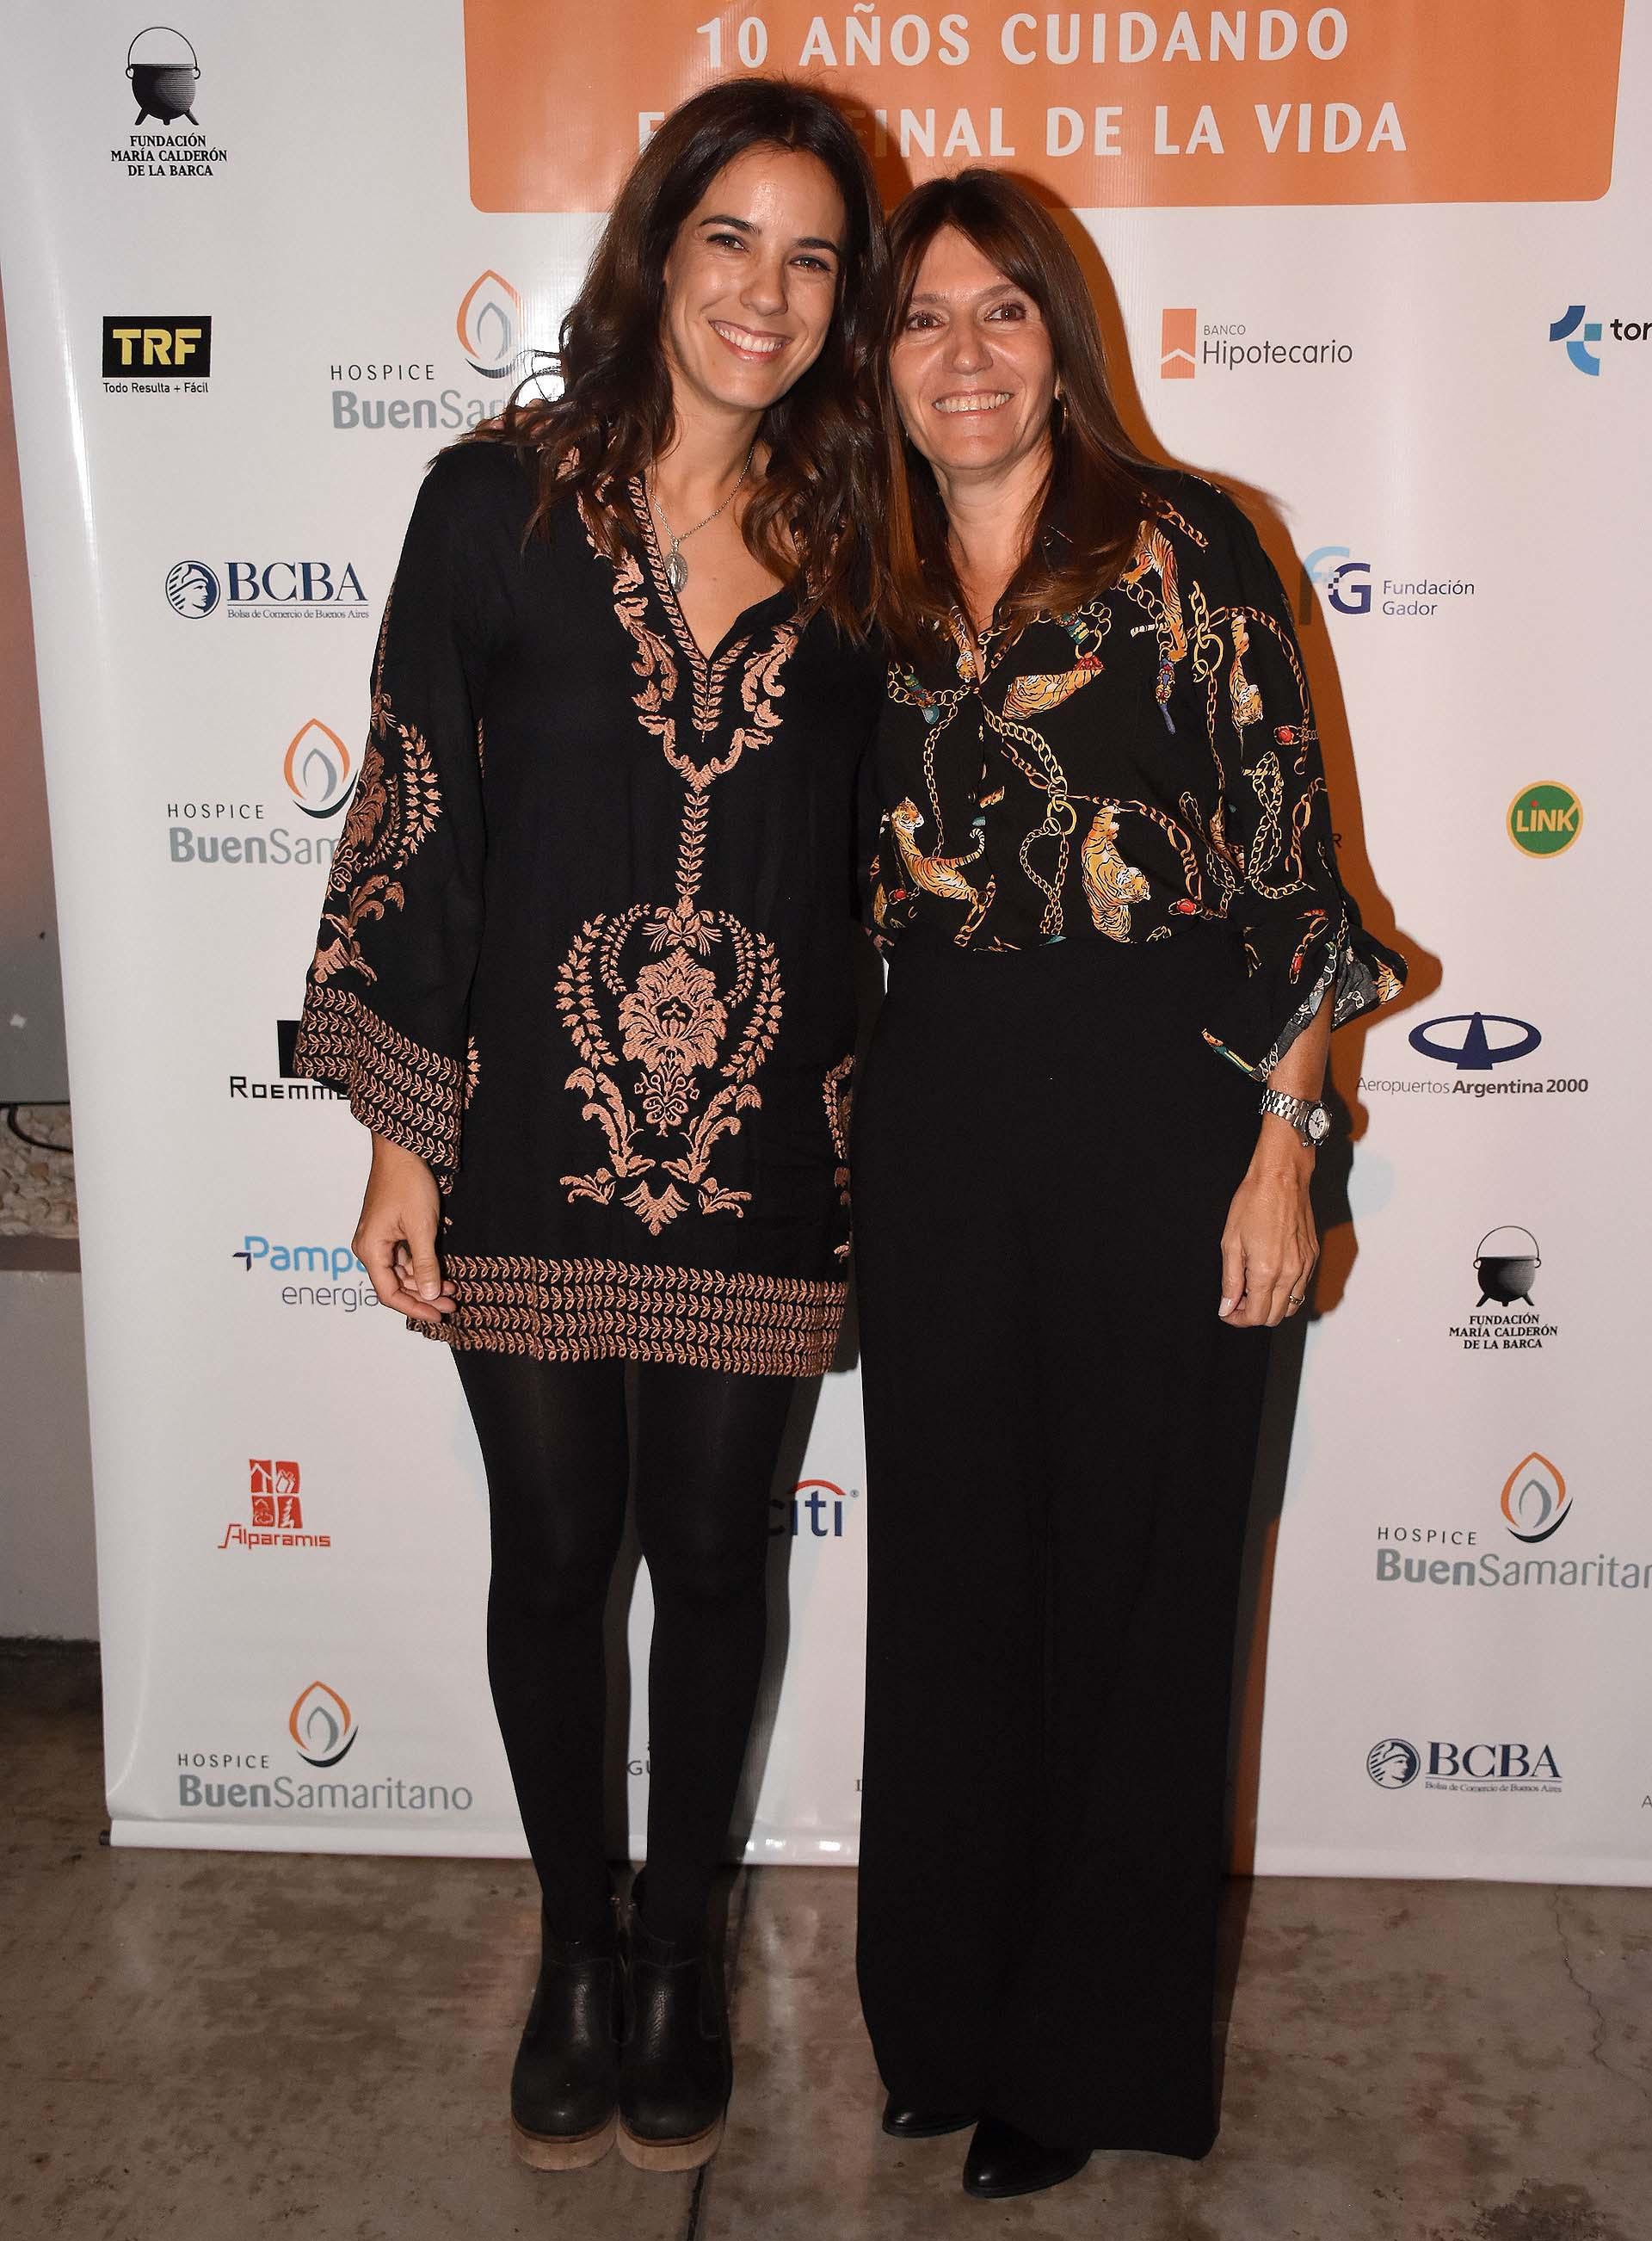 Sofi Miguens y Poli Menéndez de Pastoral del Hospice